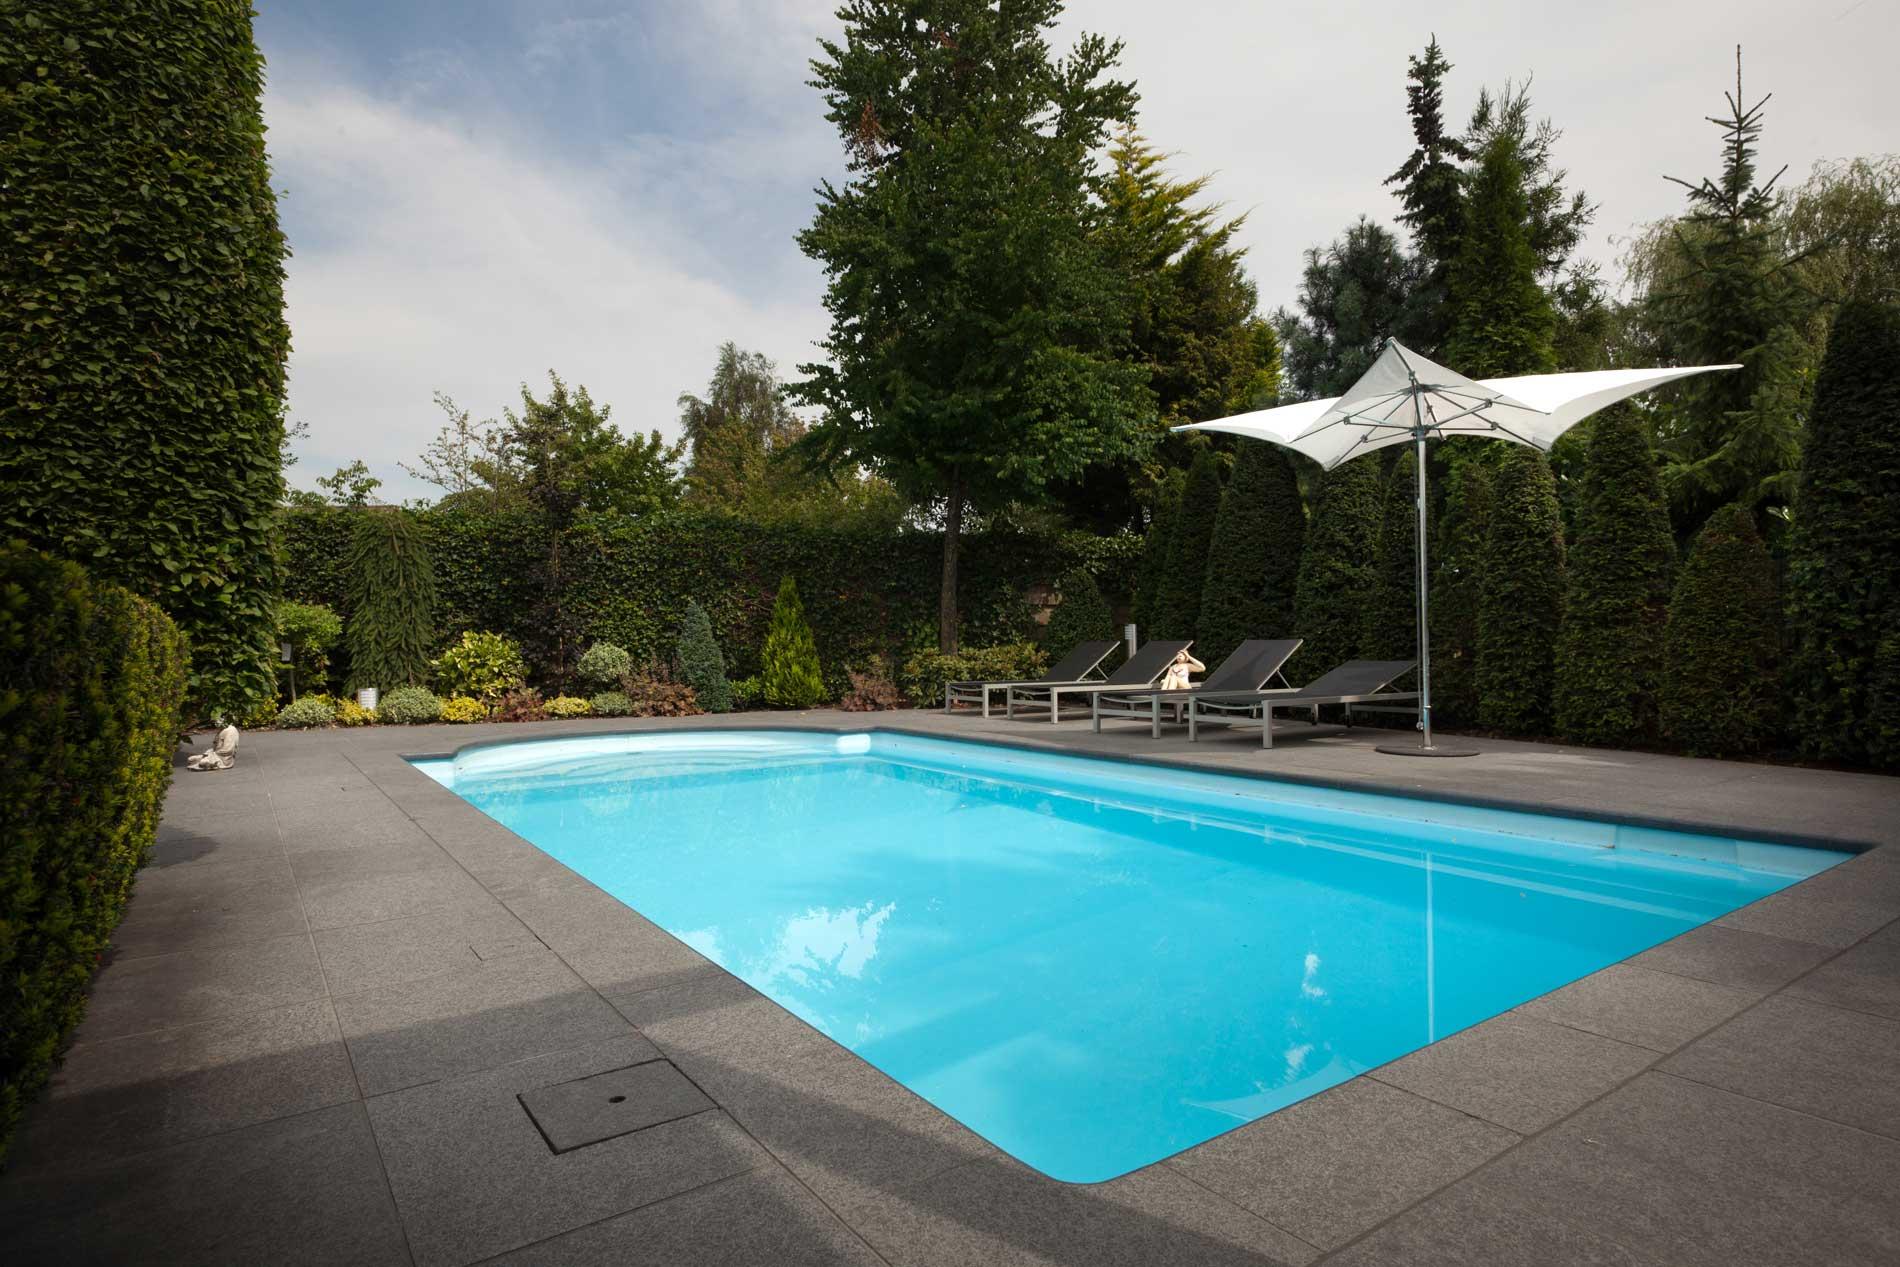 Zwembad tuinen van heart for gardens ontwerp aanleg en for Afmetingen zwembad tuin